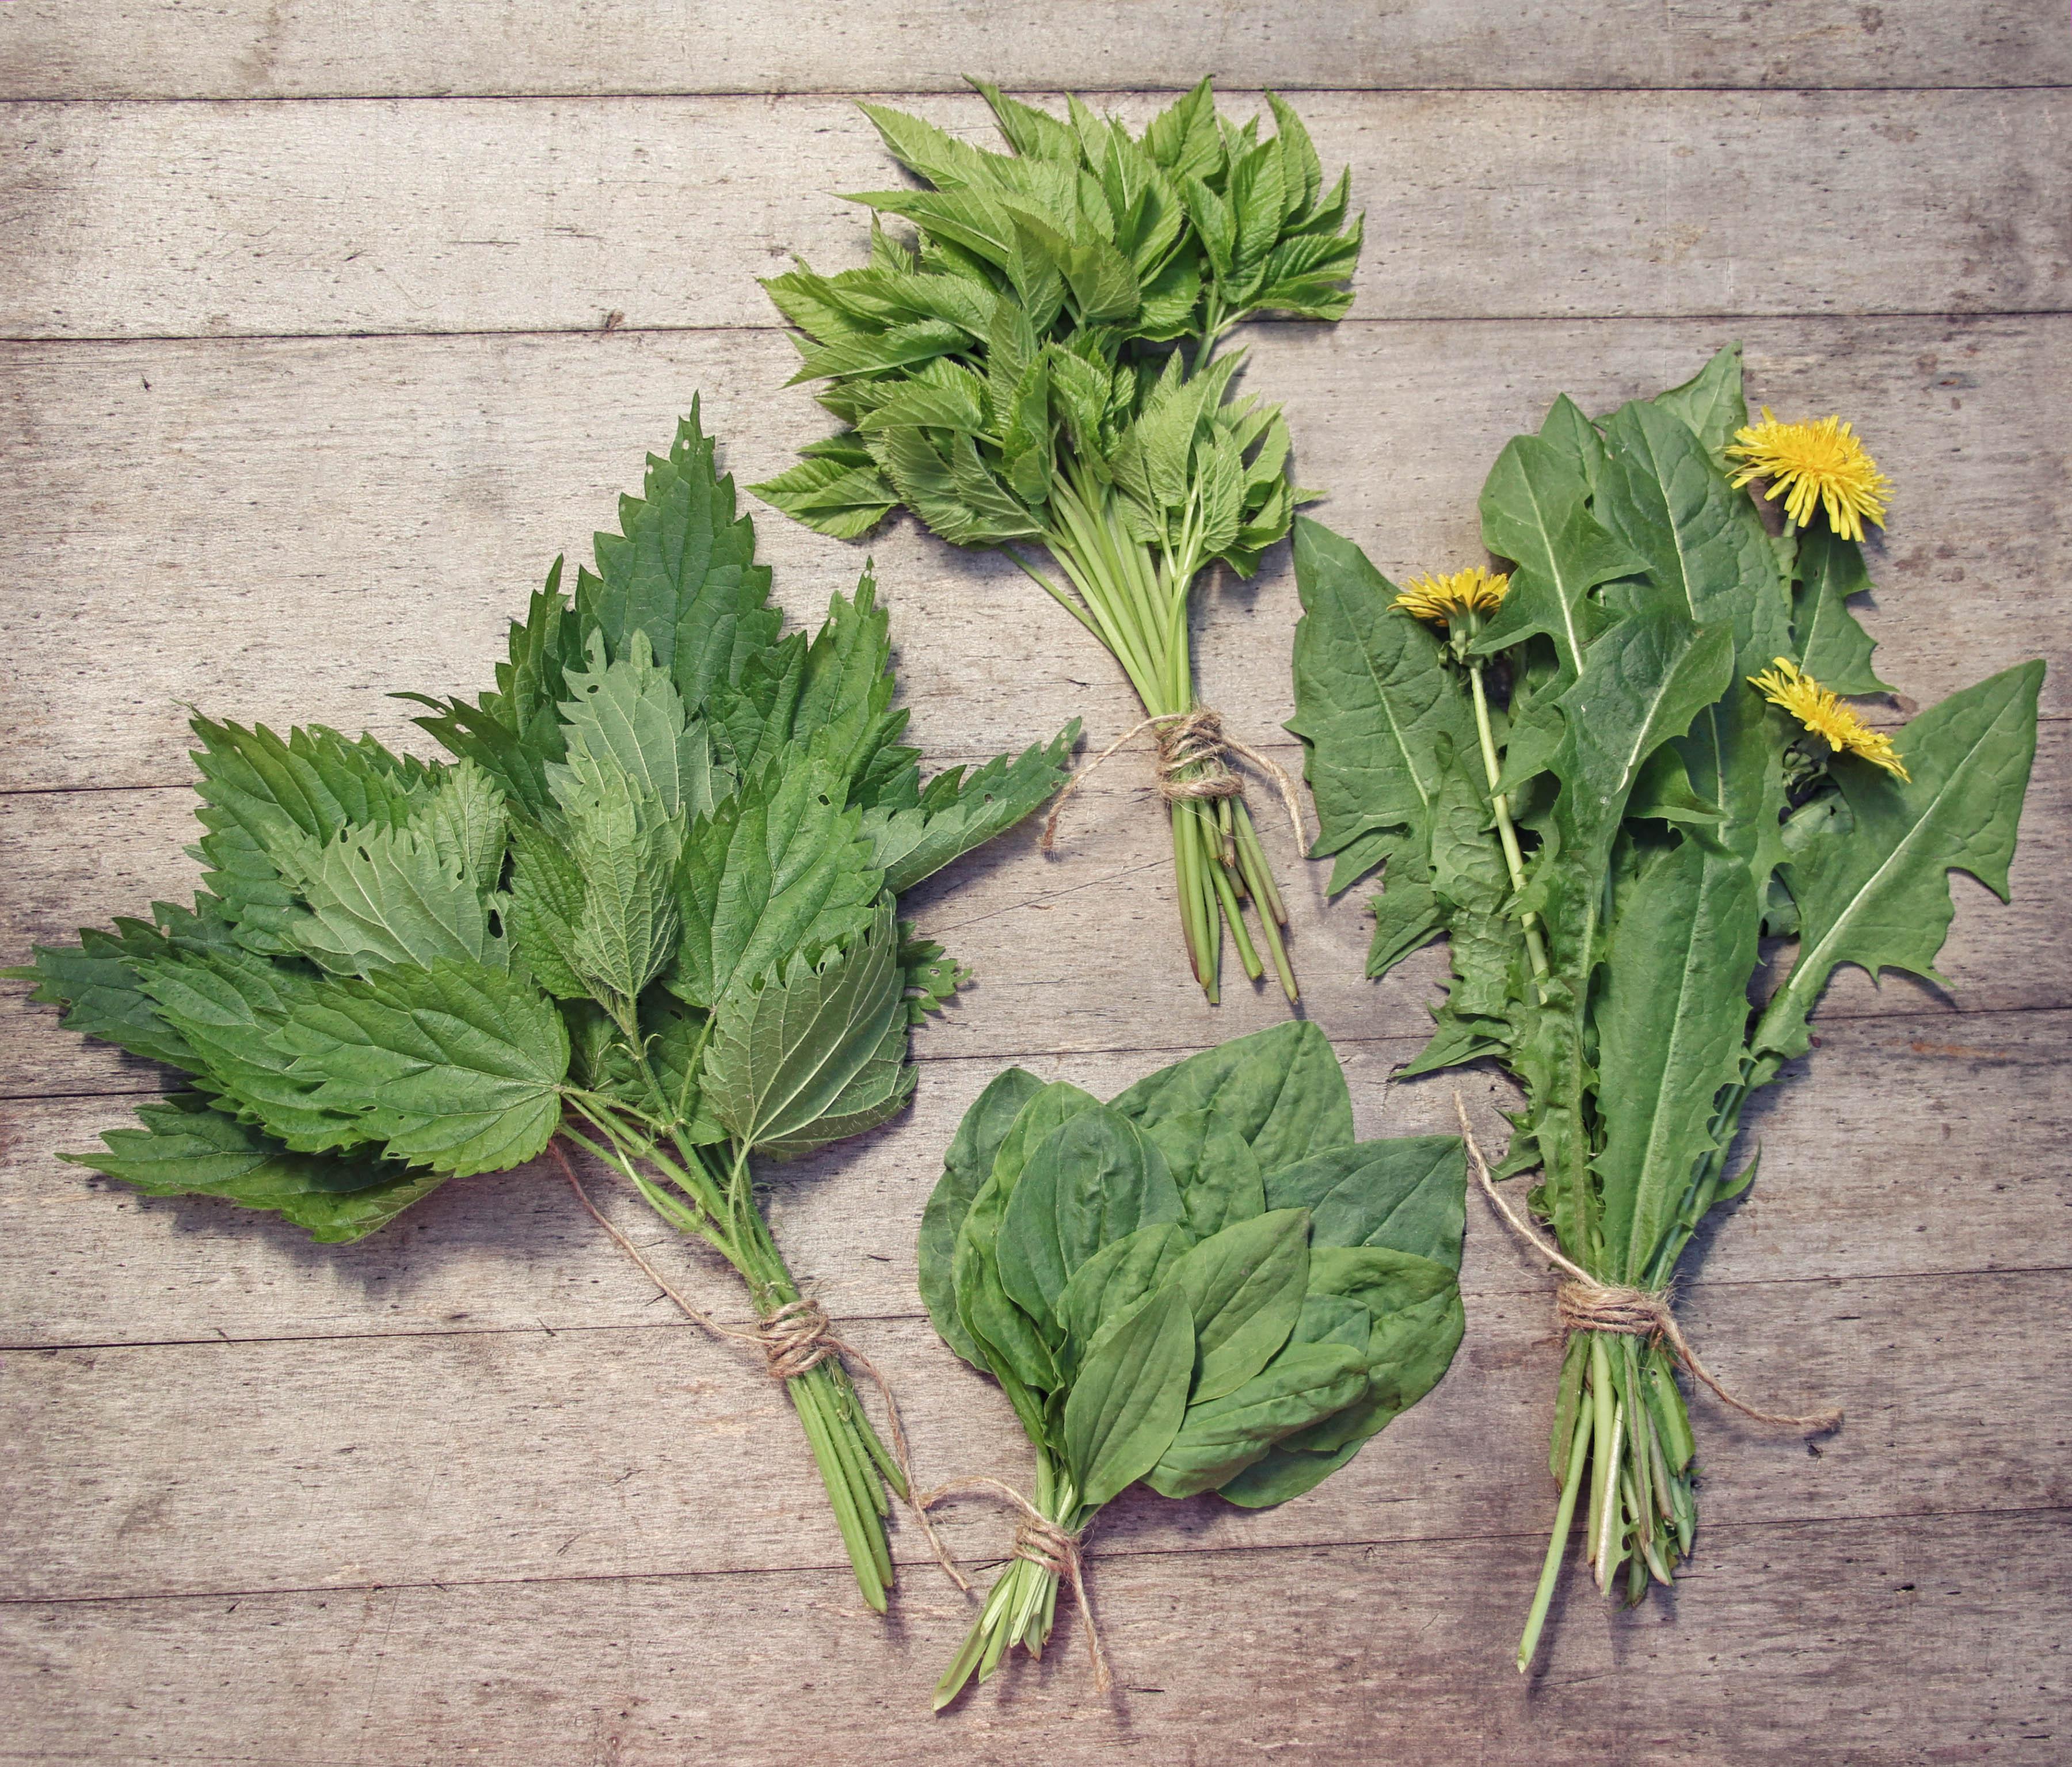 Mazzi di erbe selvatiche primaverili commestibili: ortica, dente di leone, gotta, piantaggine.